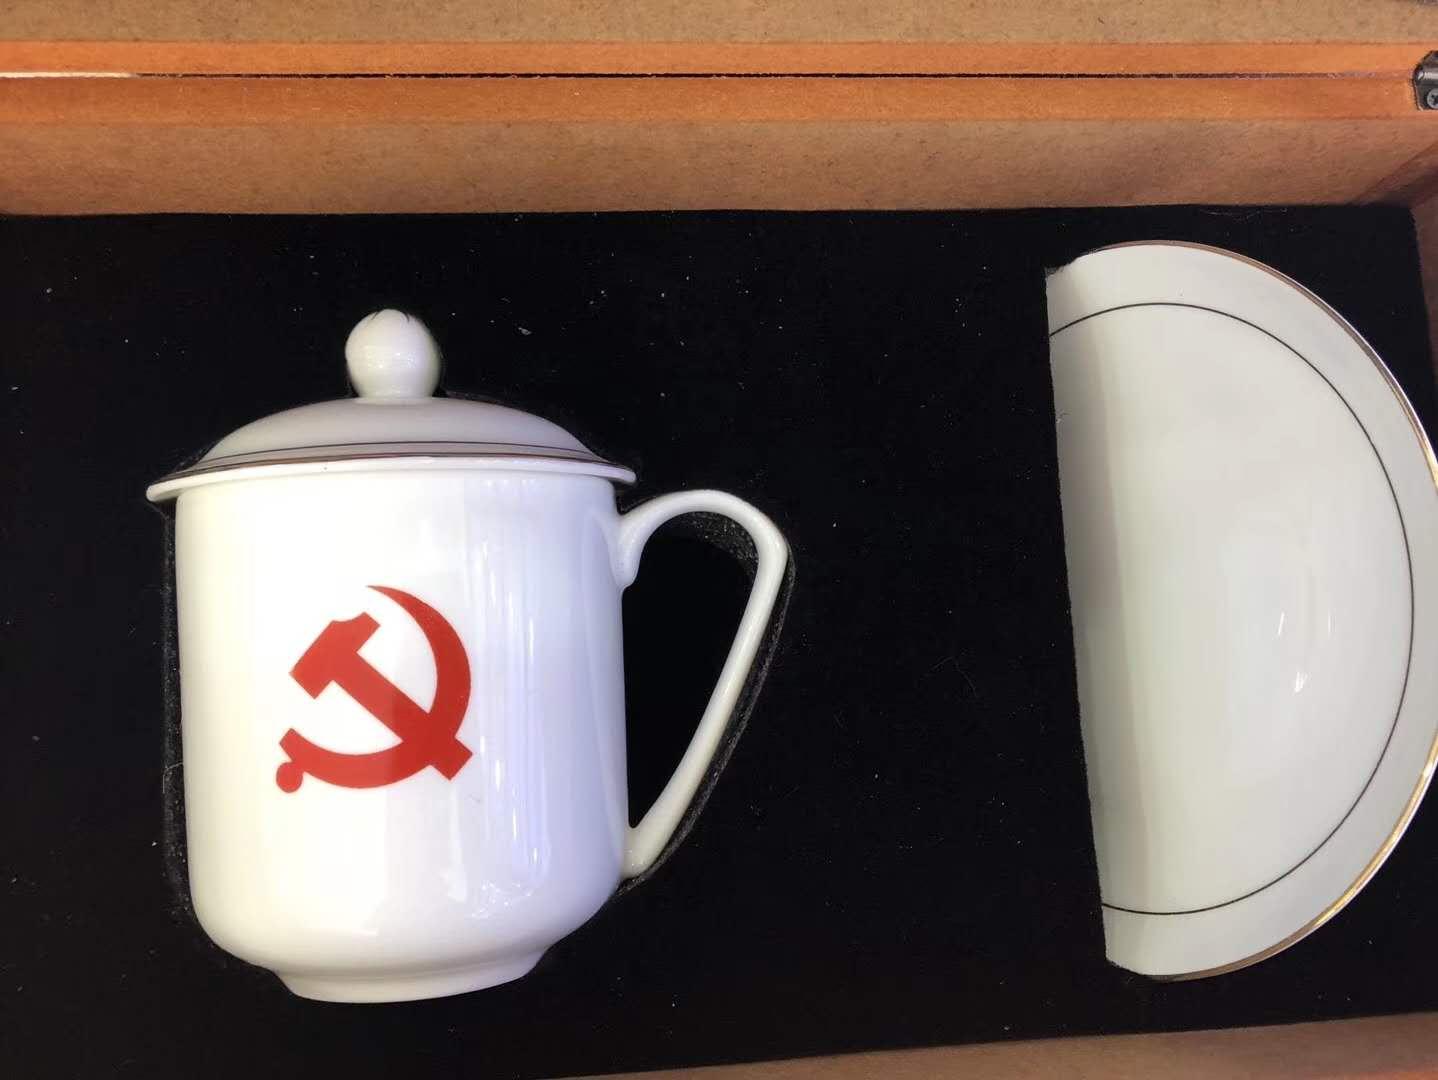 定制建党节陶瓷纪念品茶杯,景德镇定做71党员留念品陶瓷杯子厂家